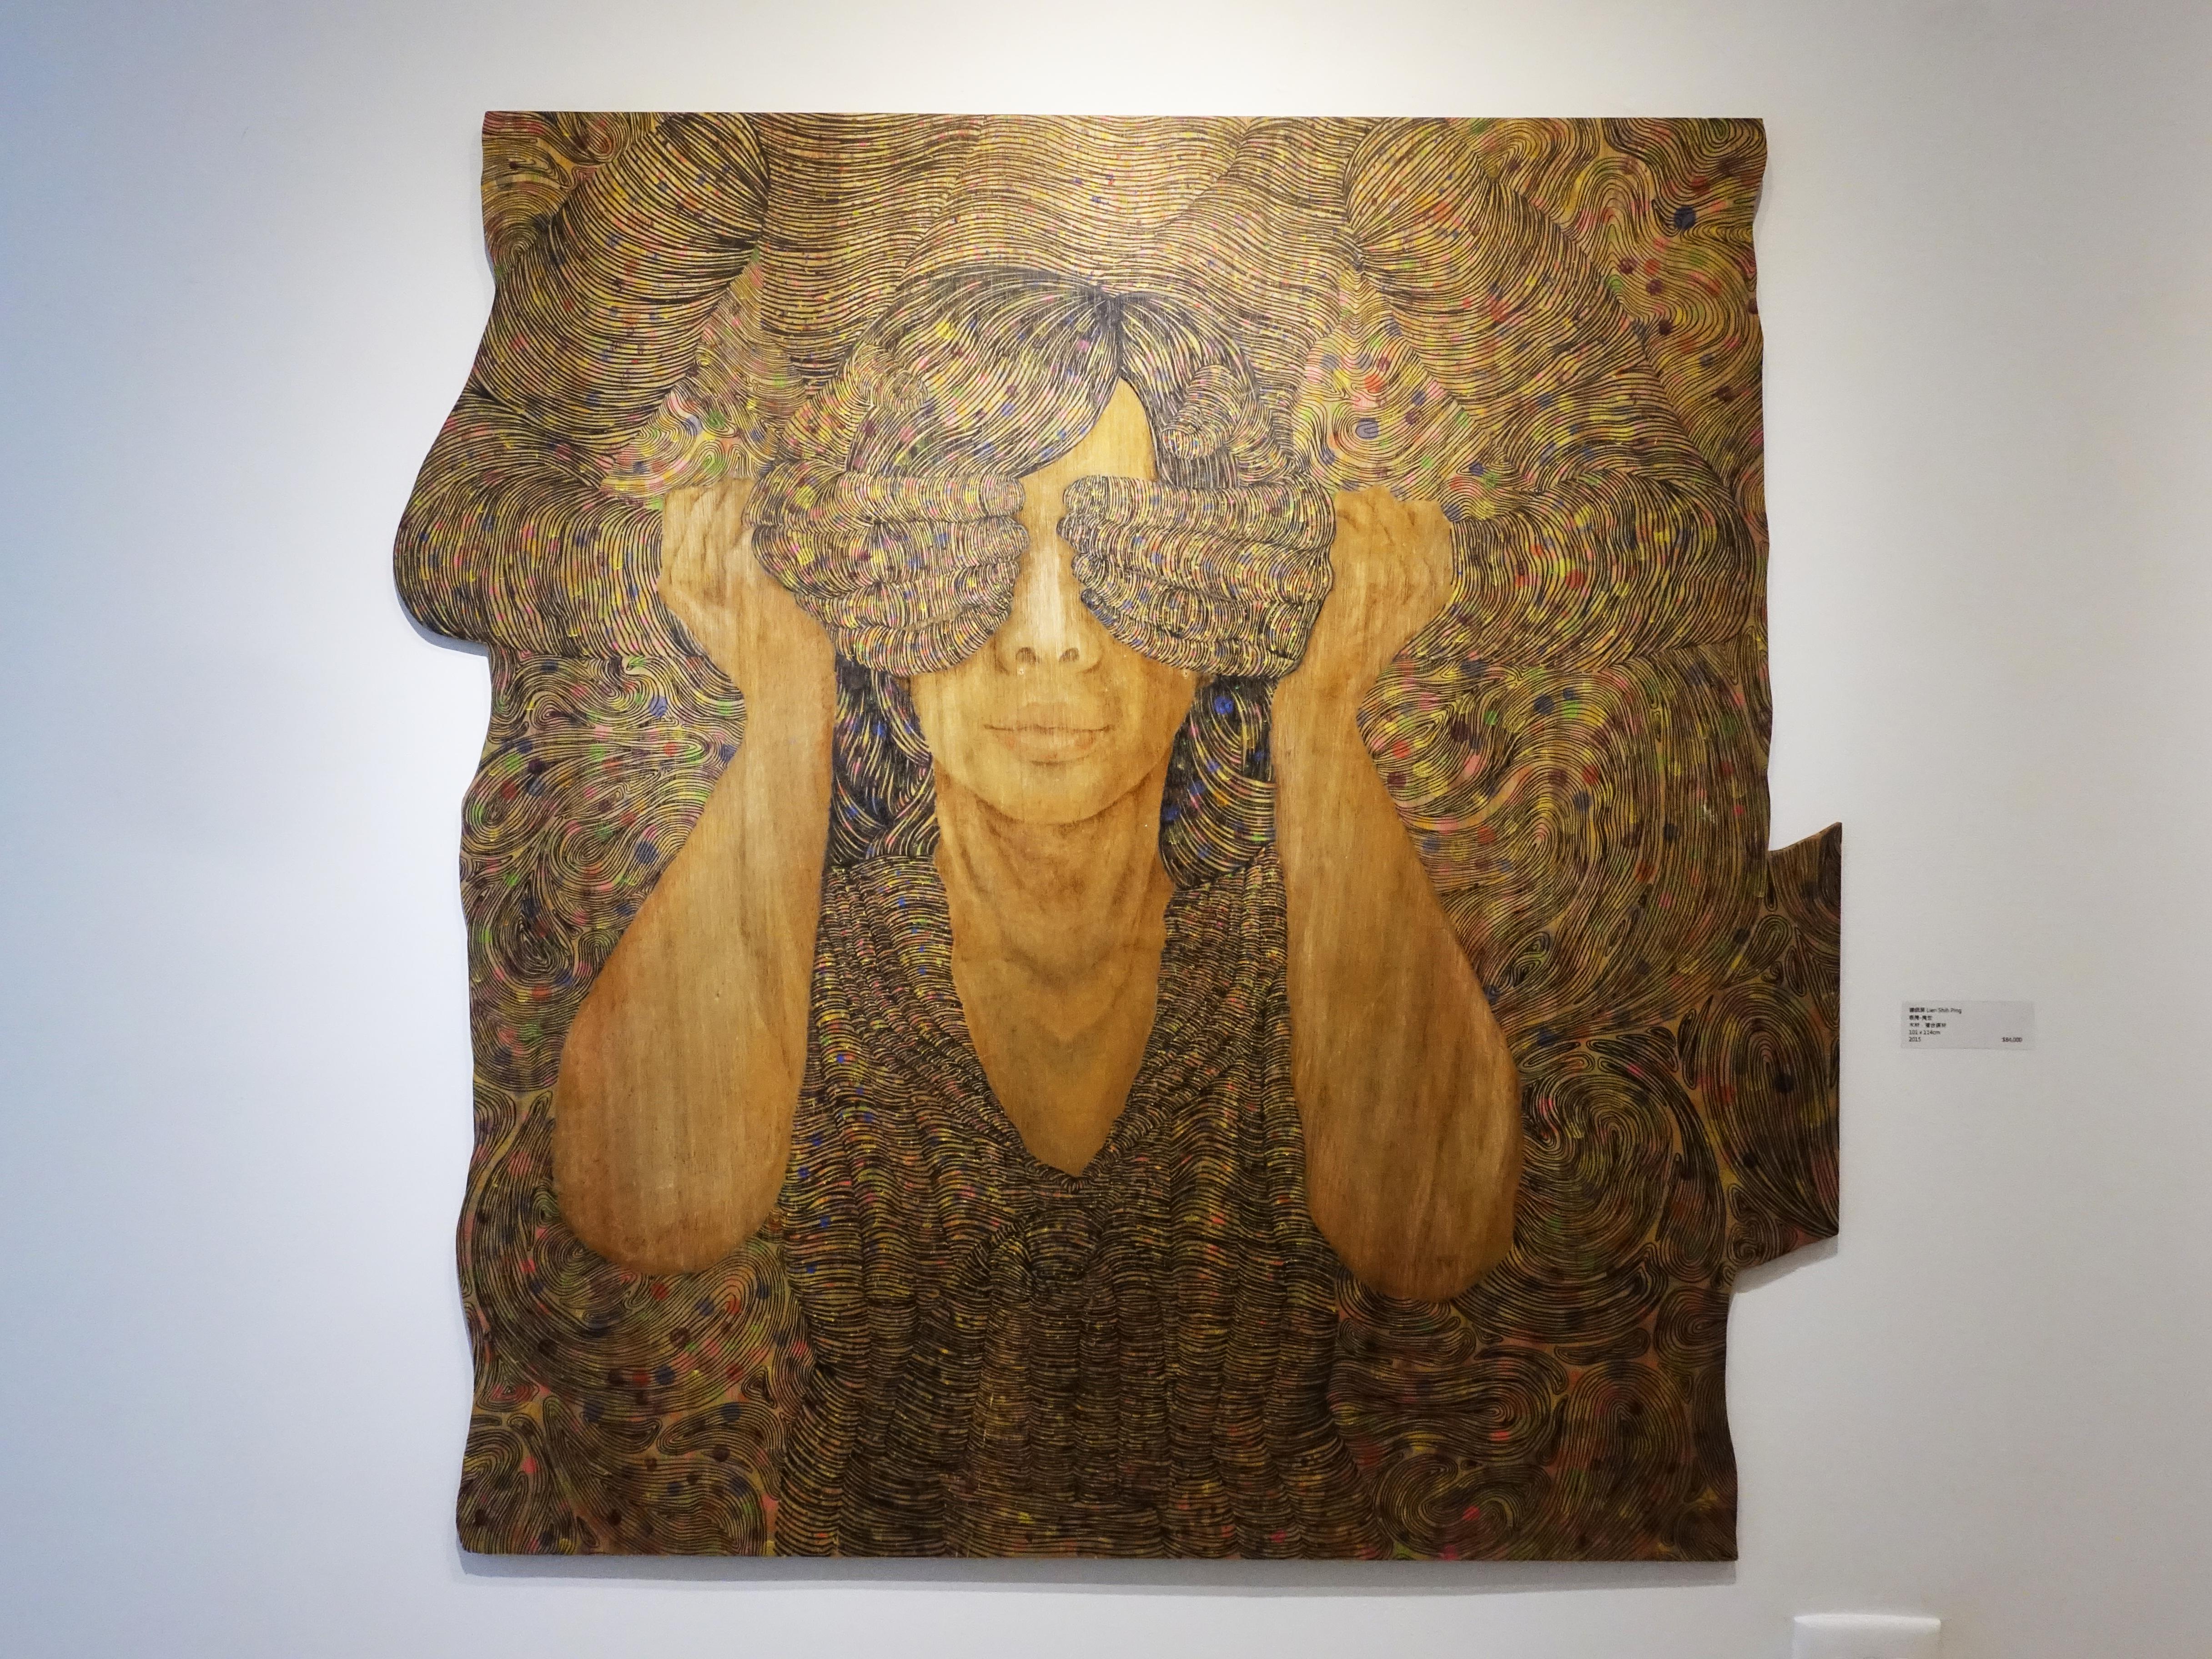 連師屏,《表掩-掩世》,木材、複合媒材,101 x 114 cm,2015。